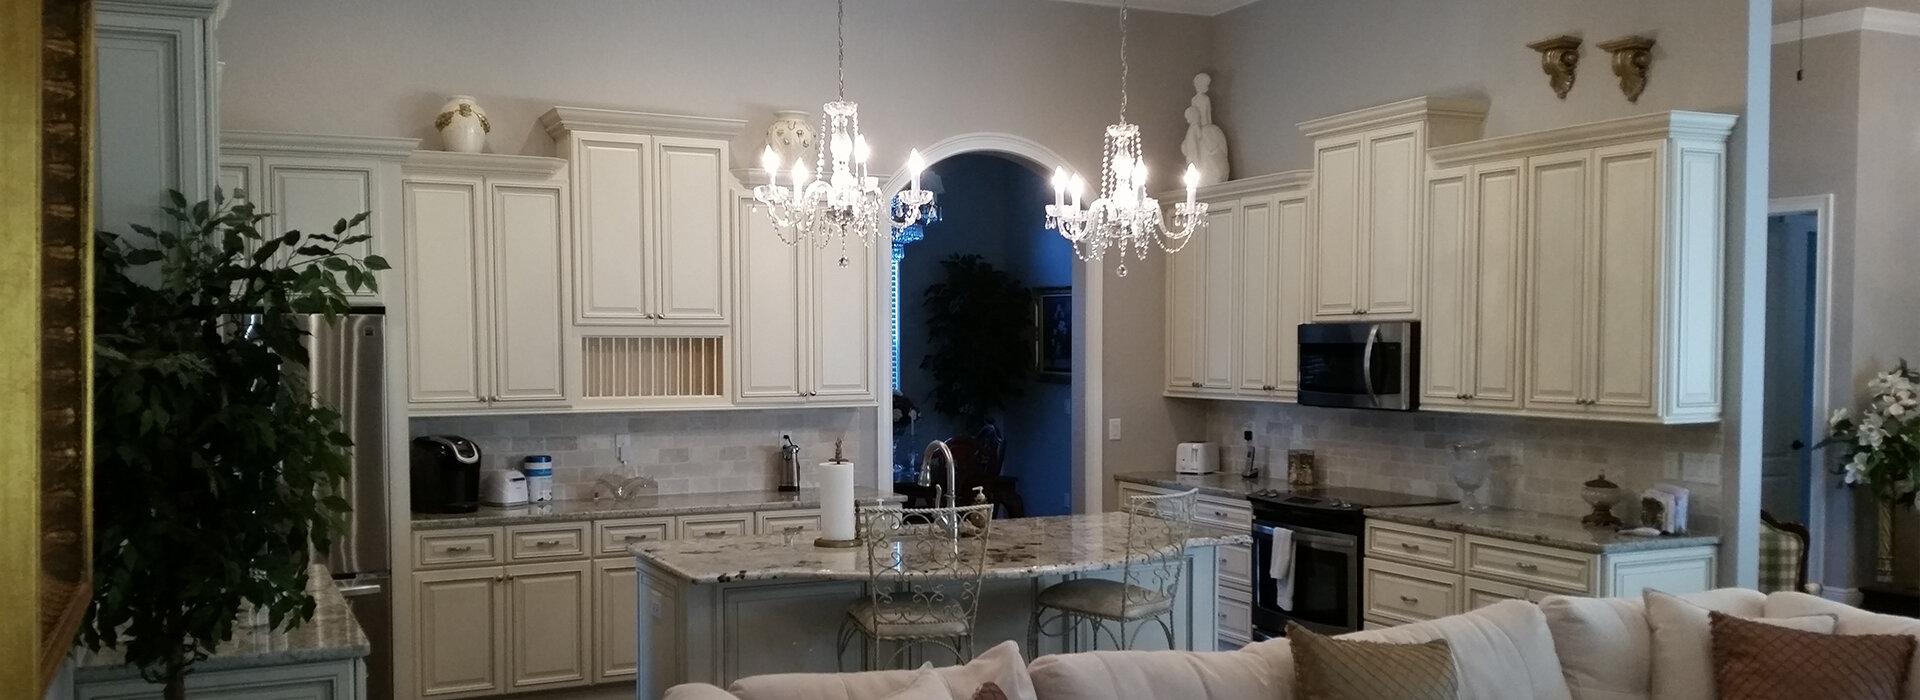 Excalibur Kitchen Bath